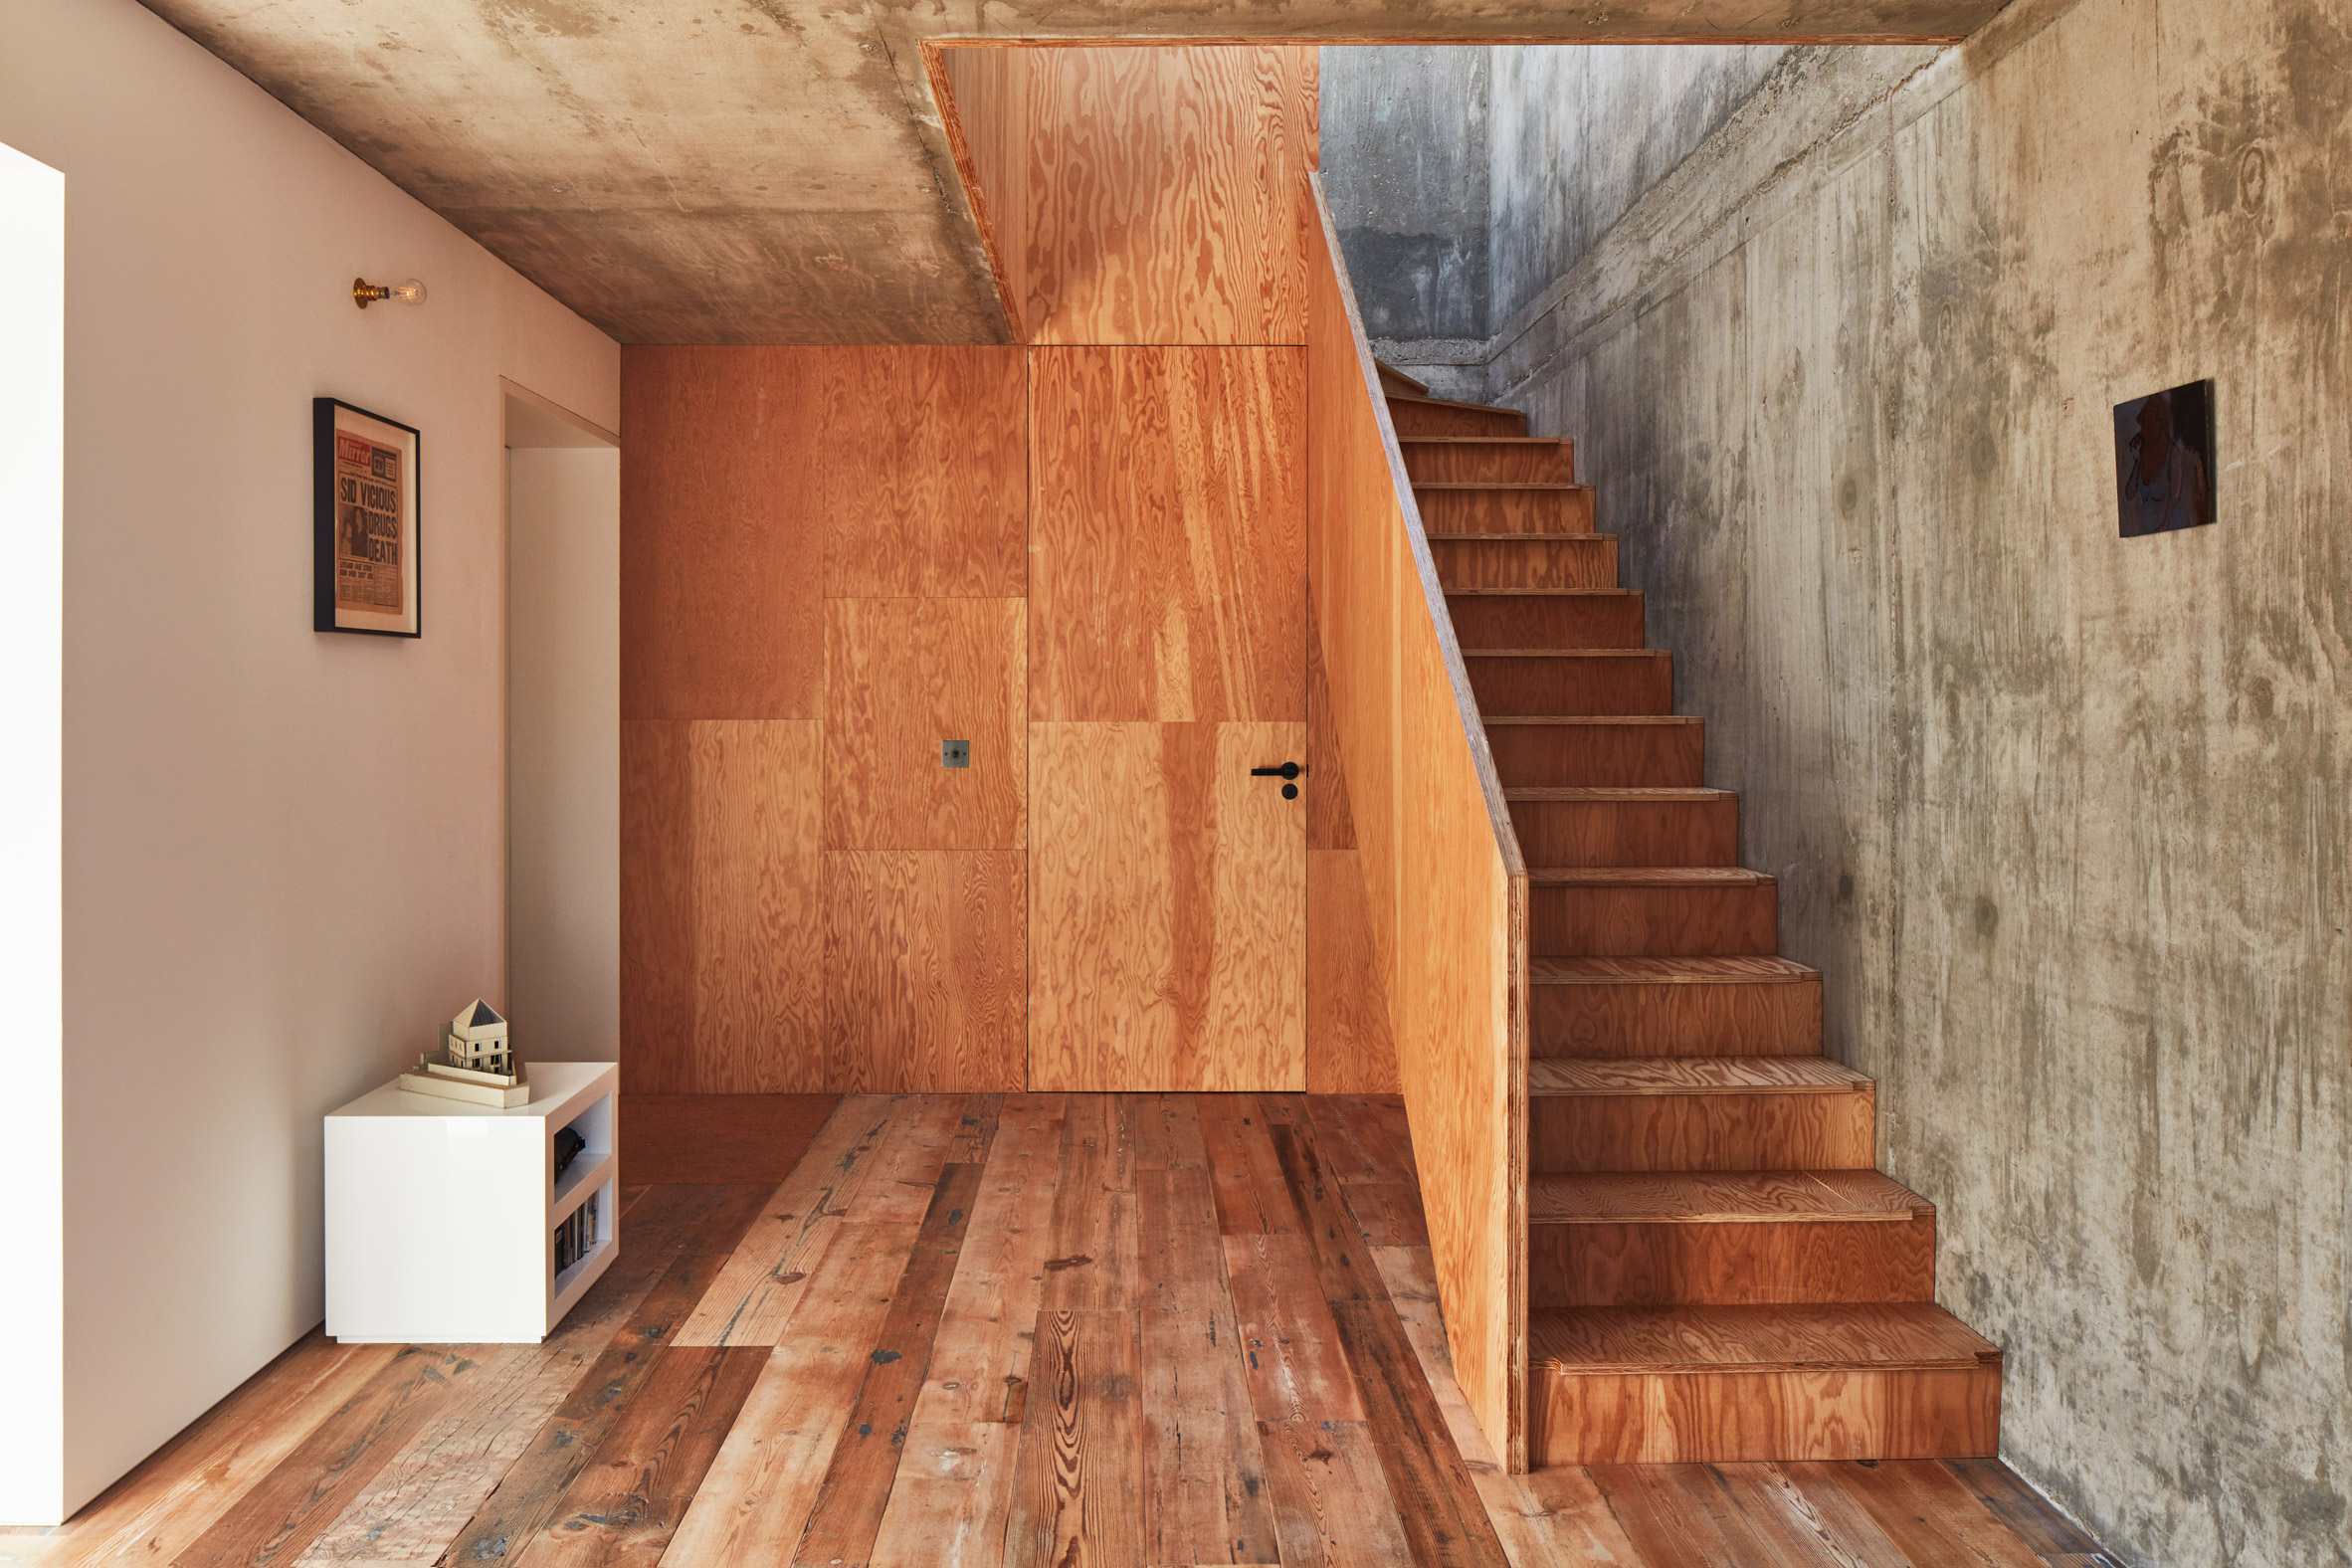 Il legno è il materiale protagonista